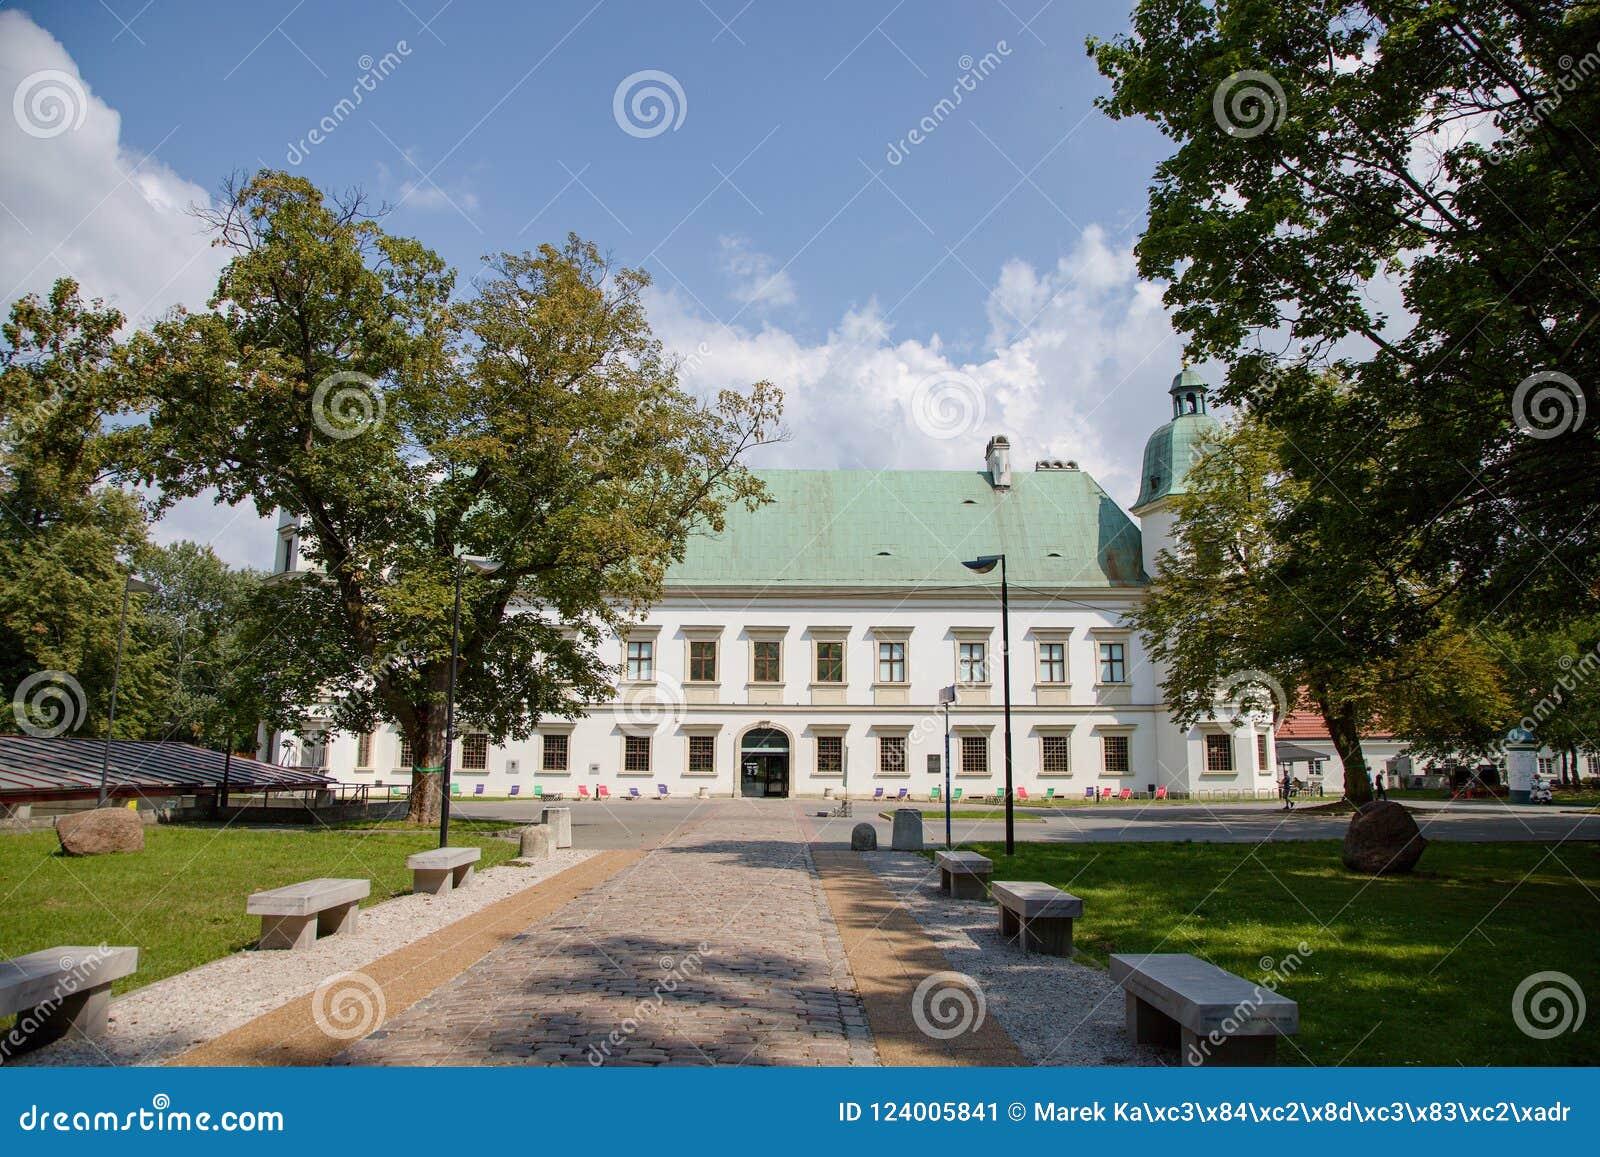 Ujazdów castle in Warsaw in Poland, Europe